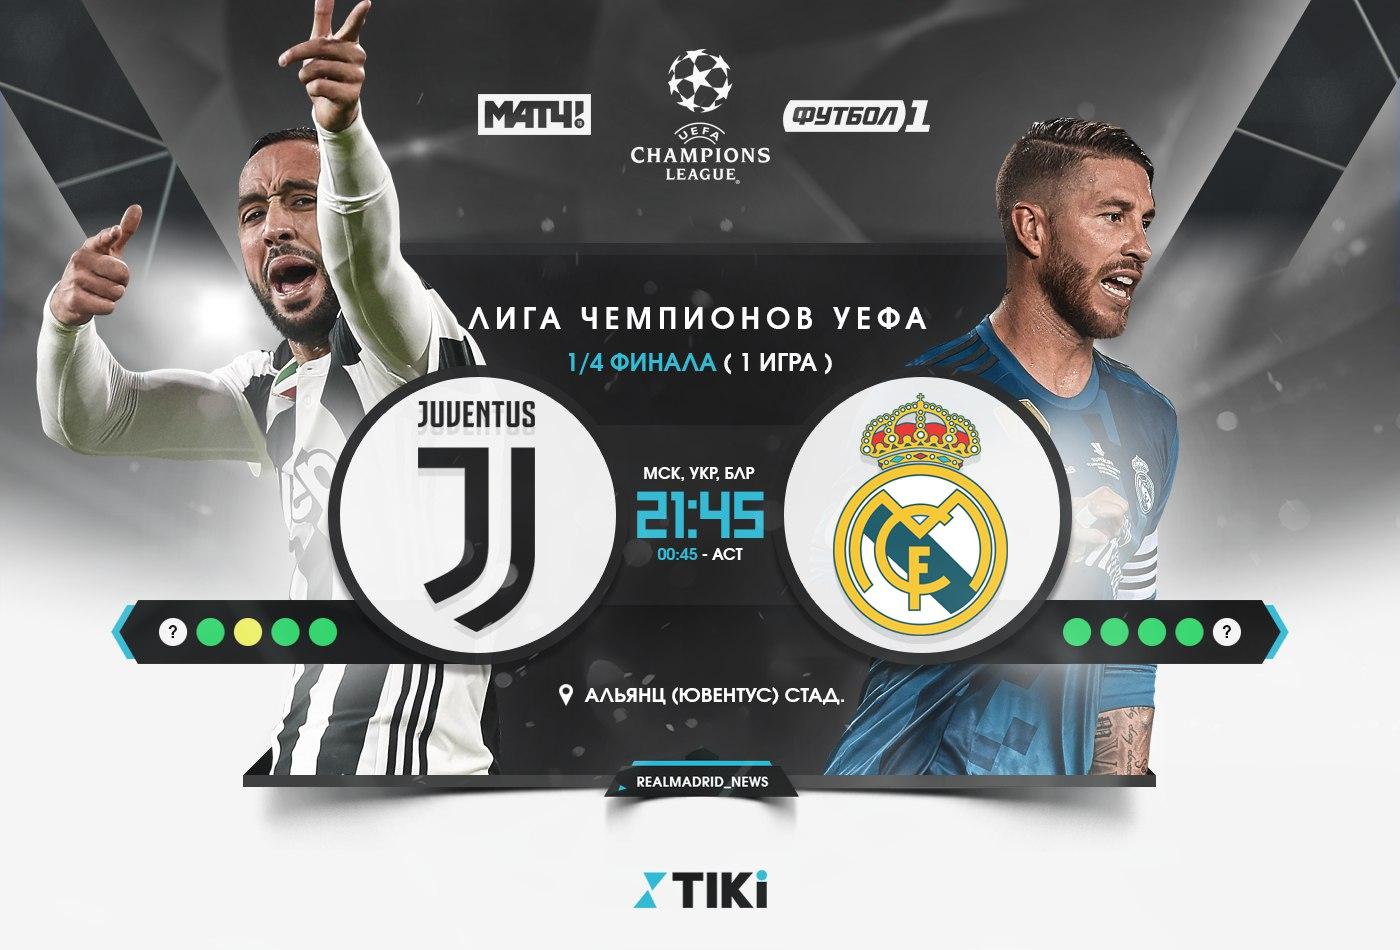 Ювентус - Реал Мадрид: прогноз на первый матч прошлогодних финалистов ЛЧ